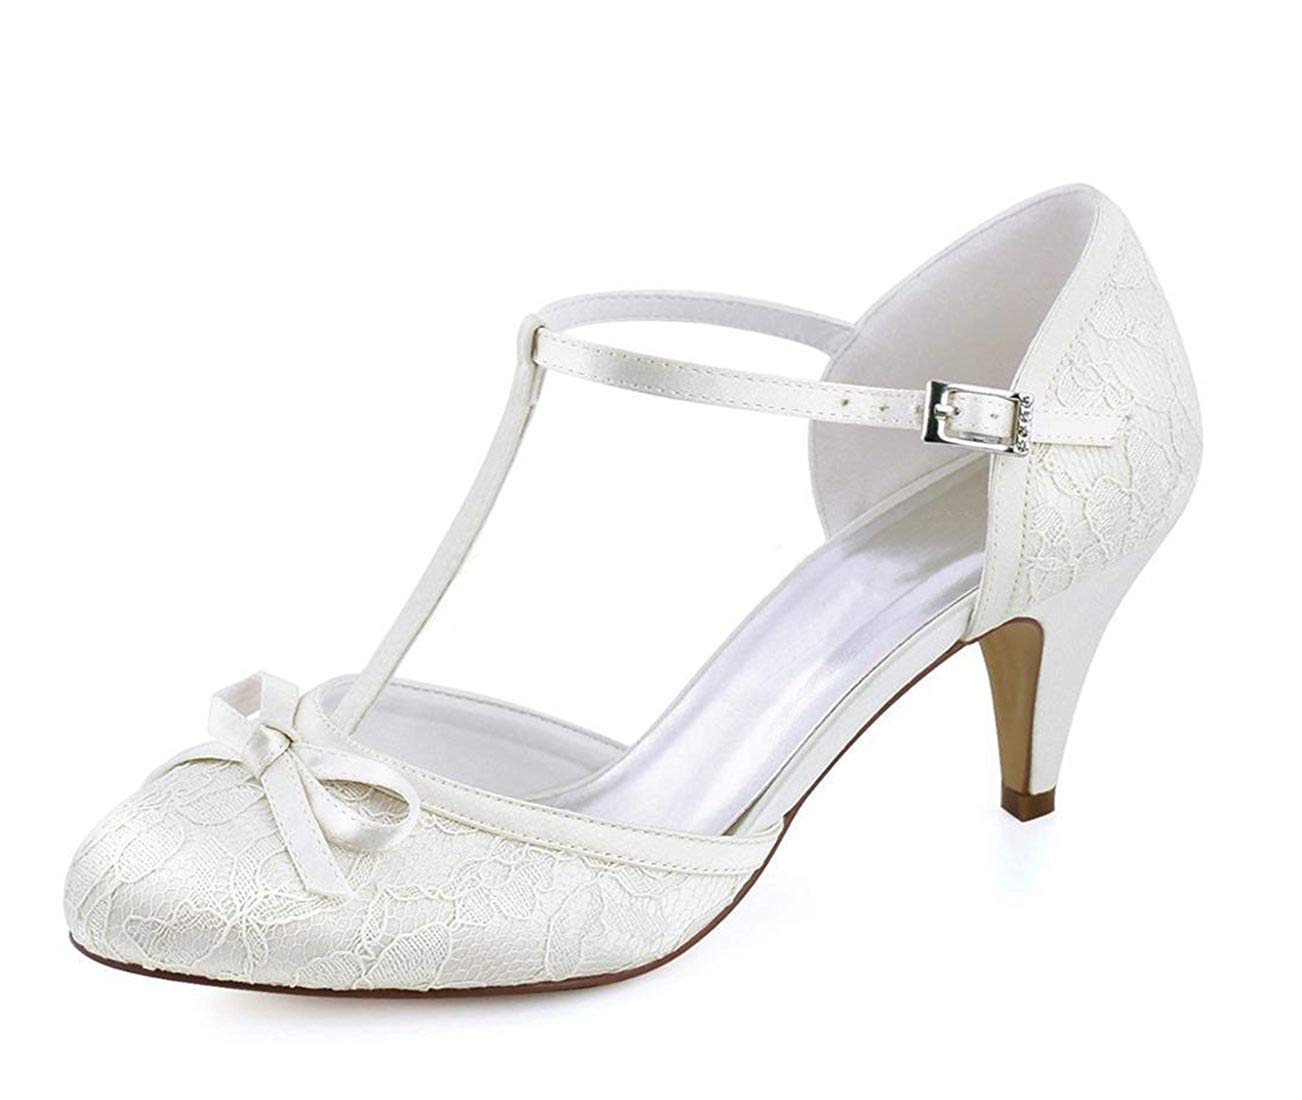 Qiusa Qiusa Qiusa Damen Knoten Retro Schöne Elfenbein Spitze Braut Hochzeit T-Strap Schuhe UK 2 (Farbe   - Größe   -) 96bf56